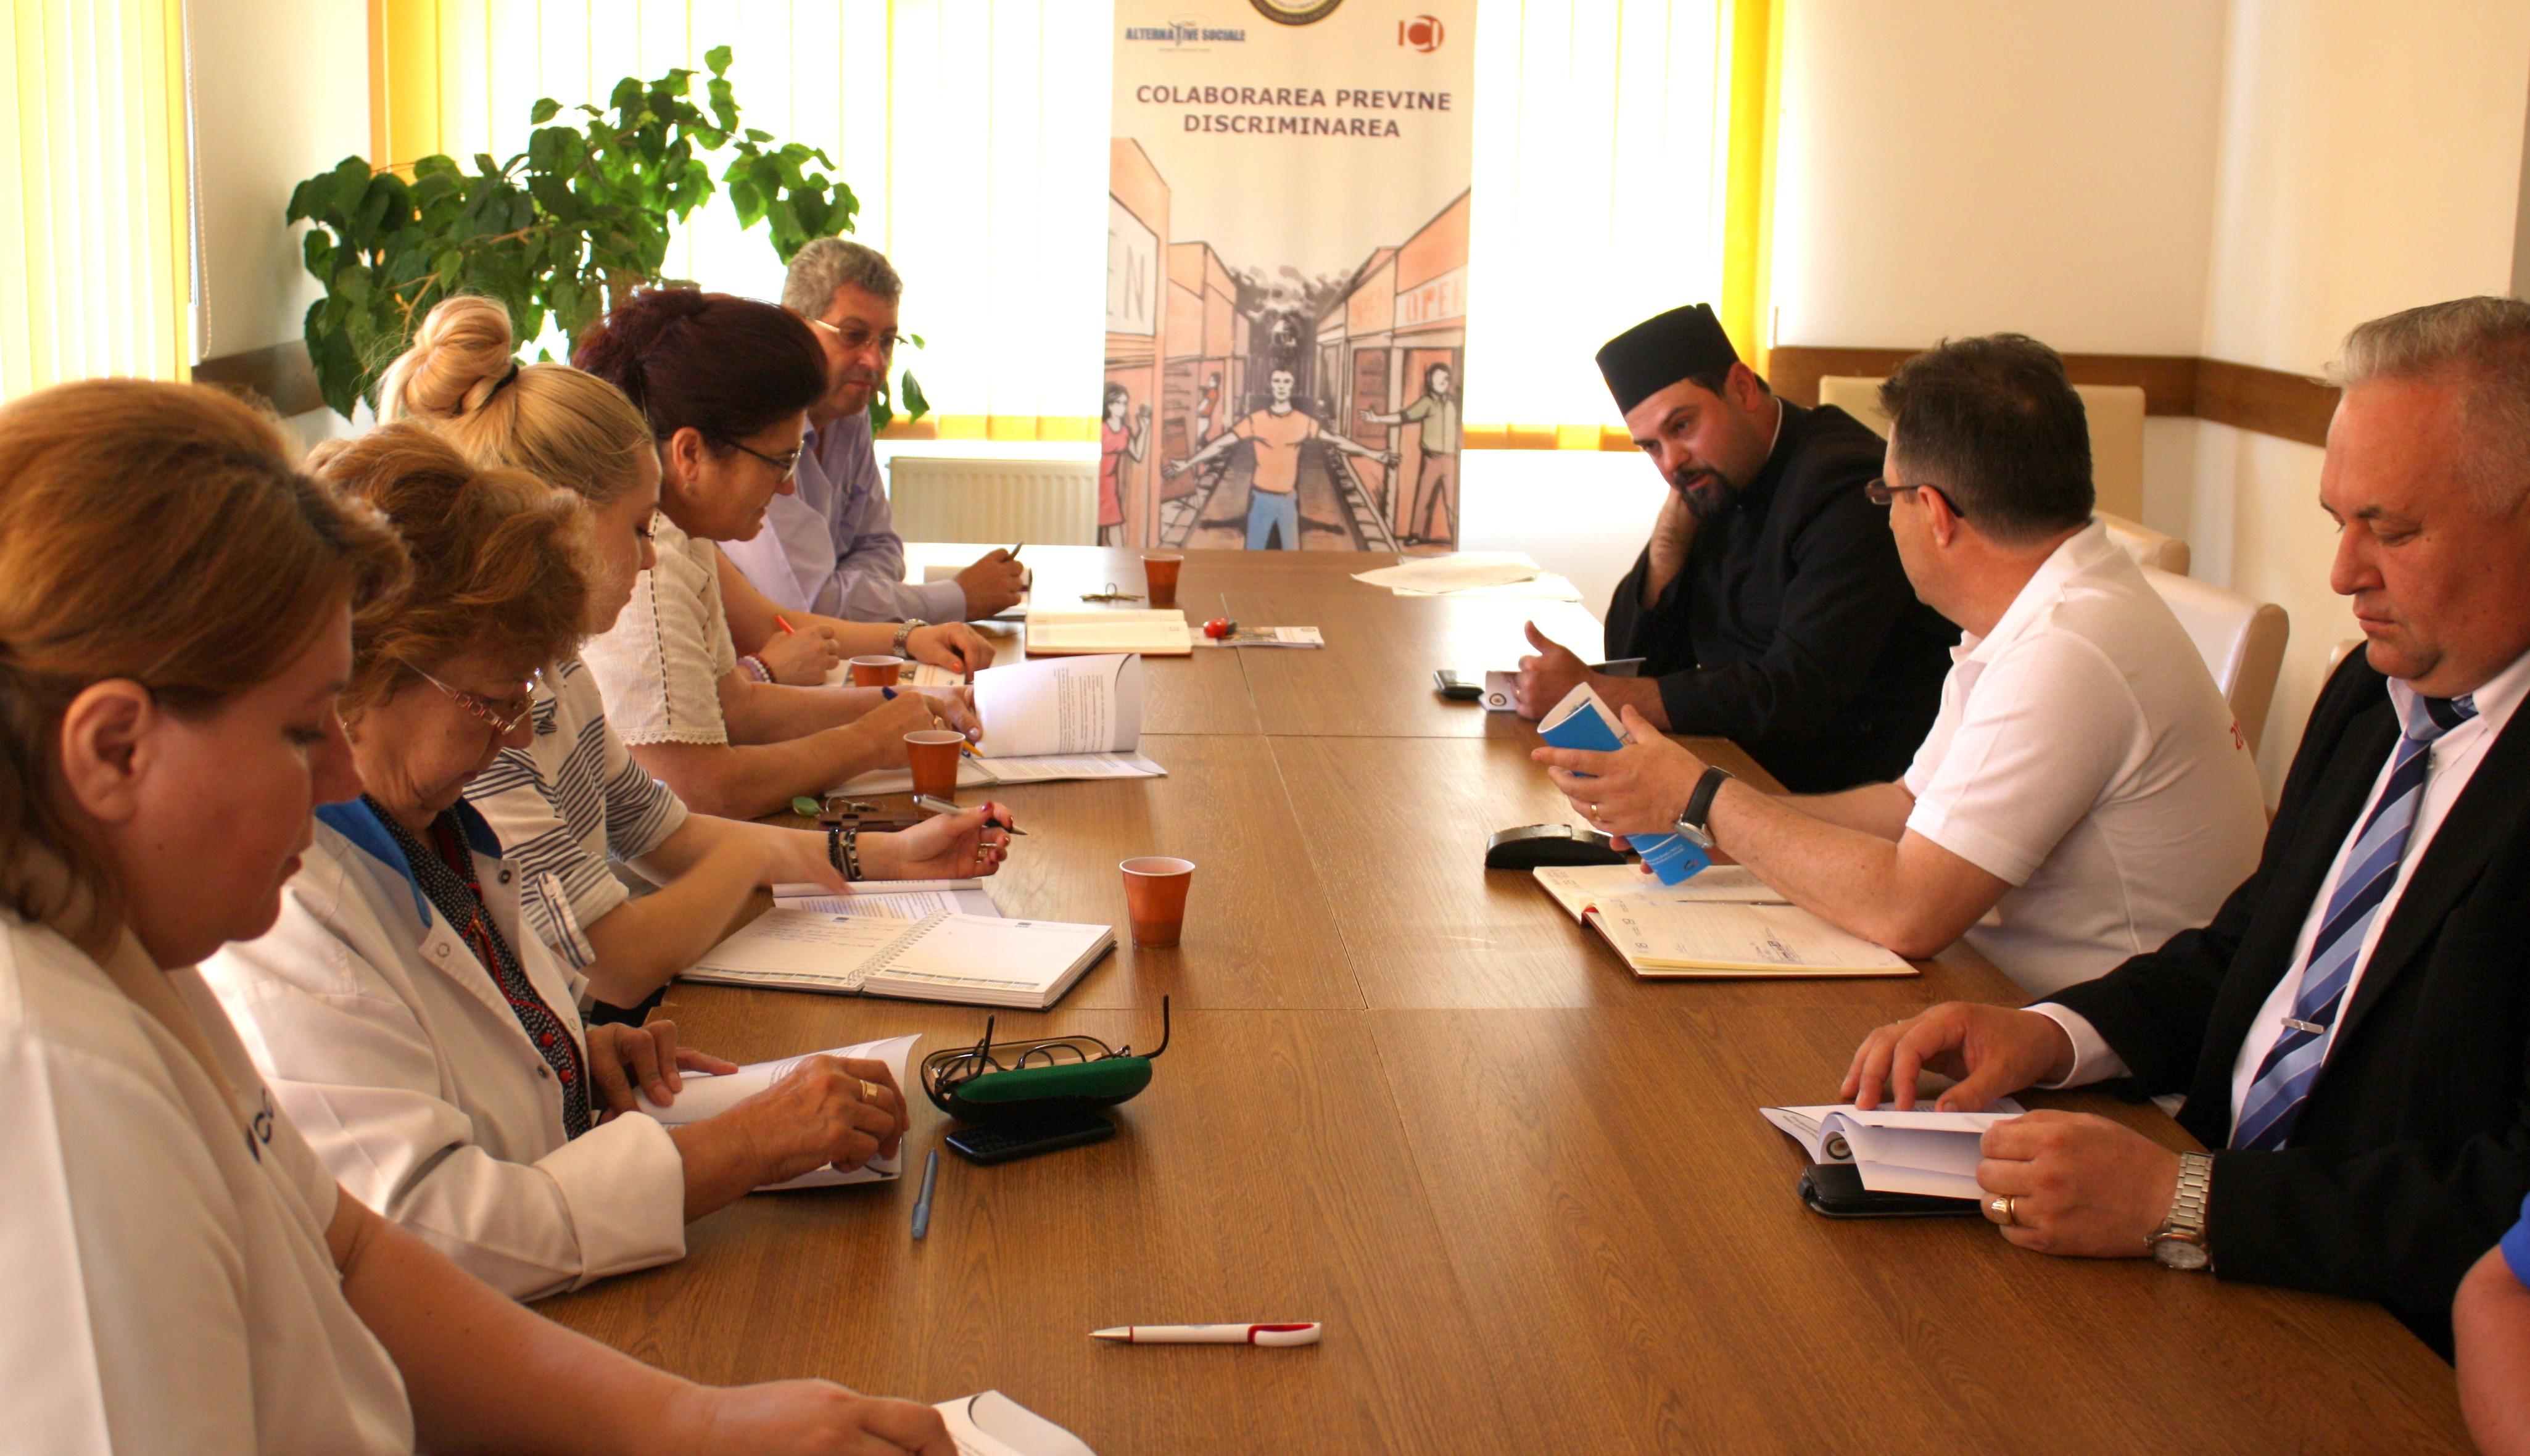 Reintegrarea în comunitate a foștilor deținuți: întâlnire de lucru în Bălțați